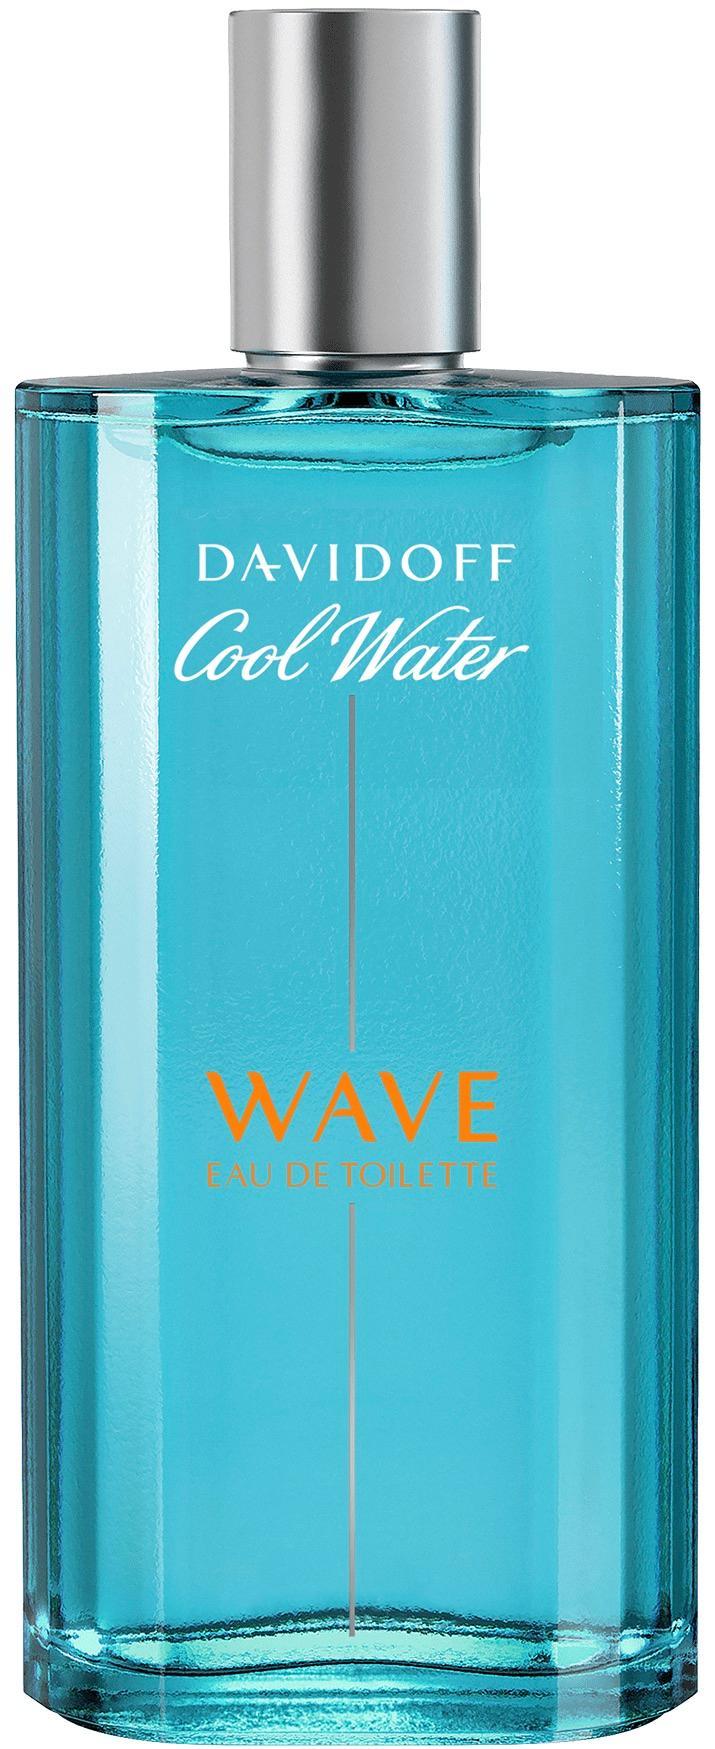 Davidoff Cool Water Wave Eau De Toilette For Men